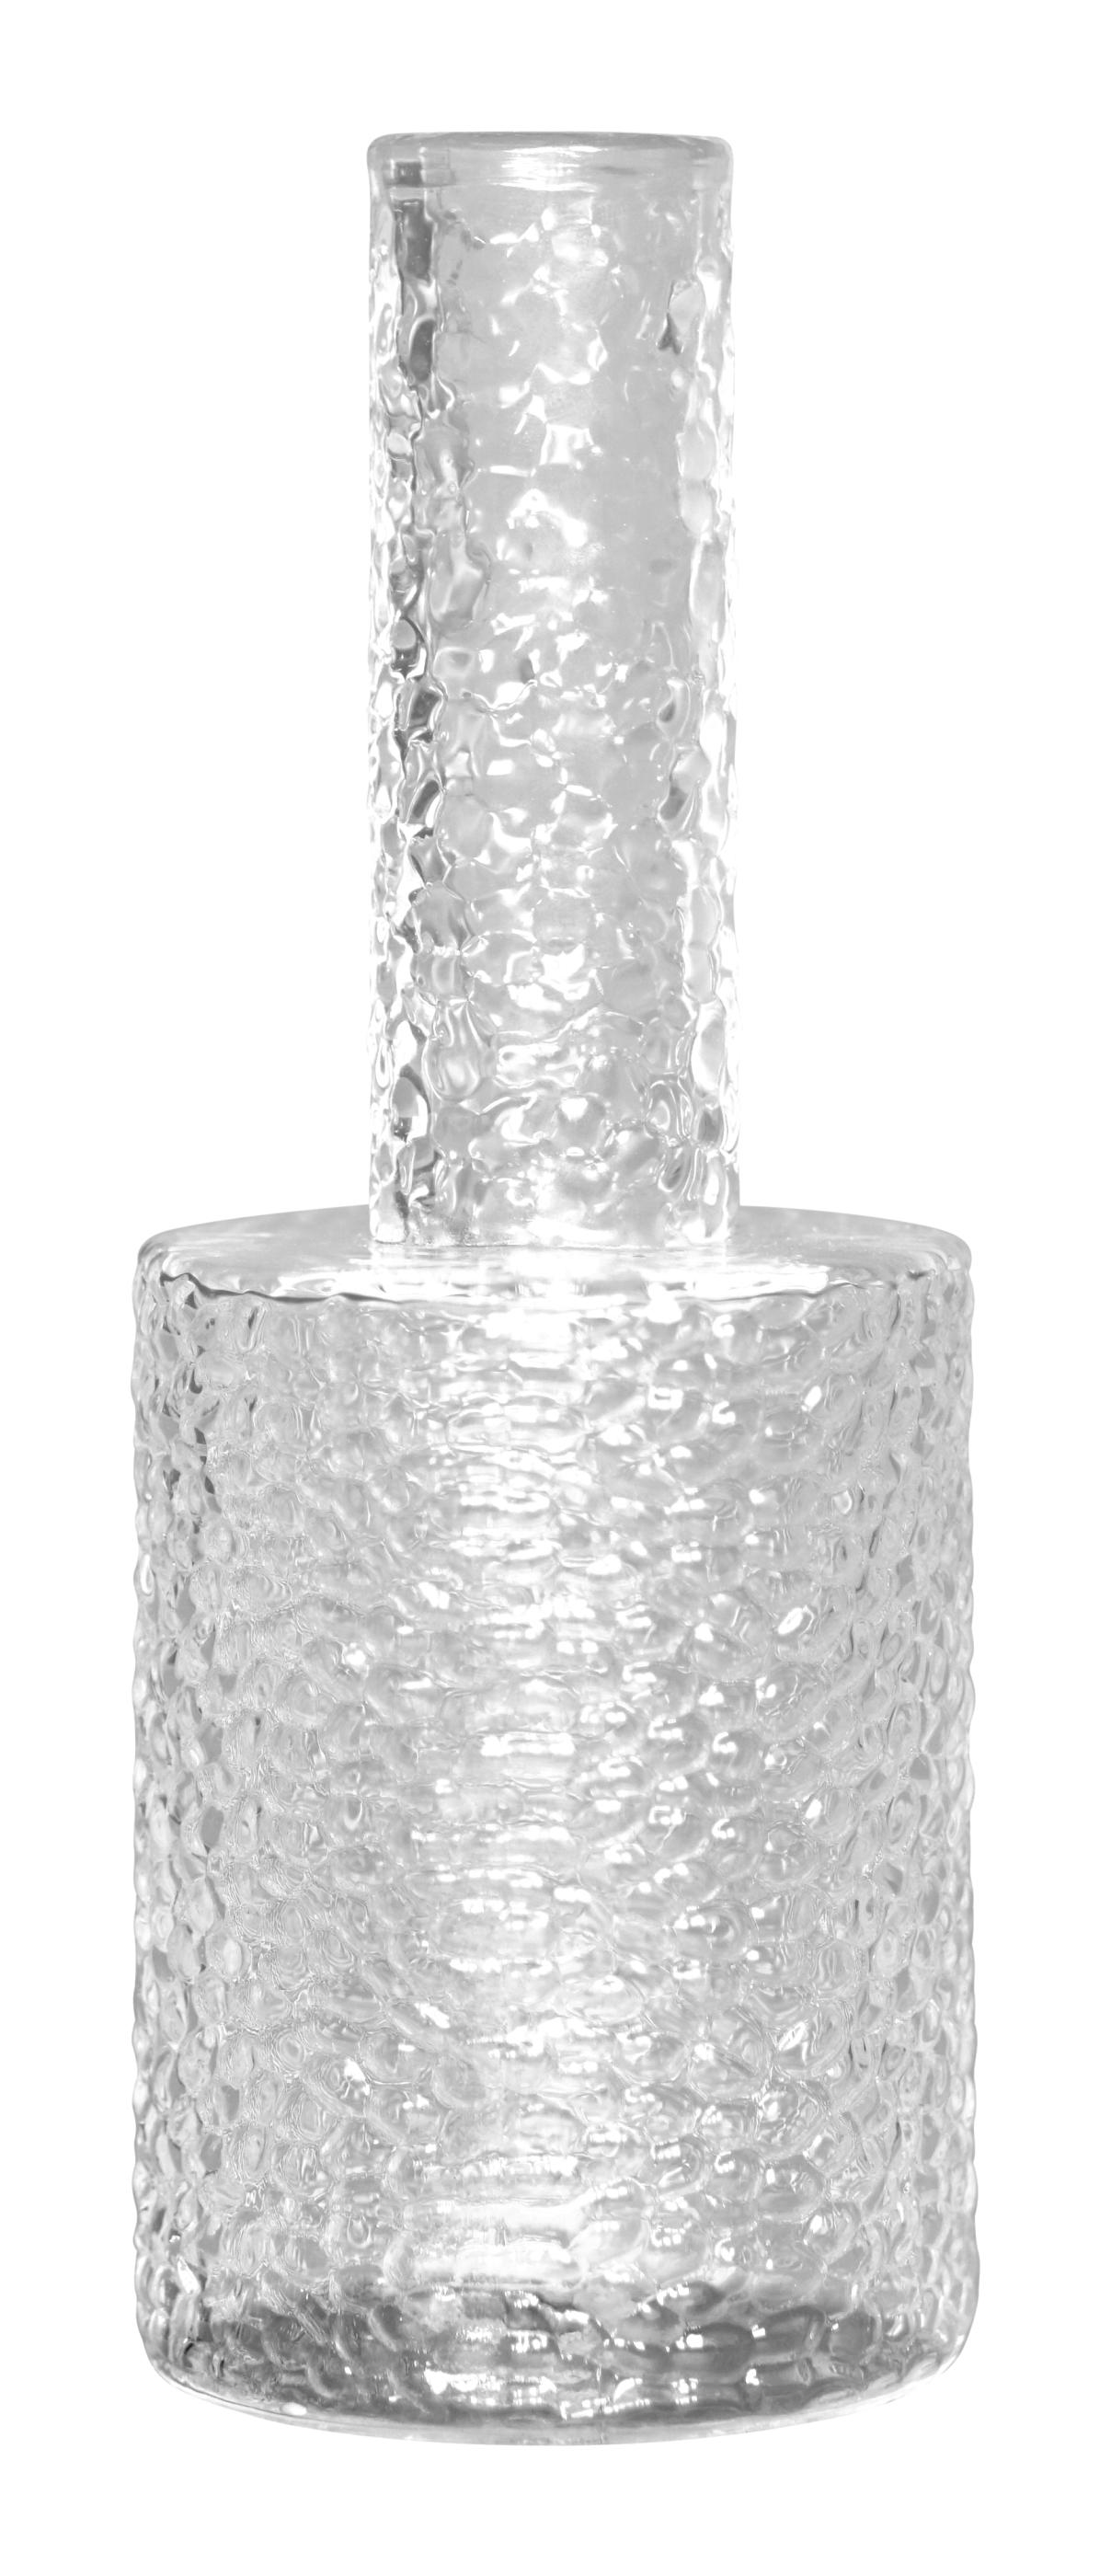 Airy Vas Large